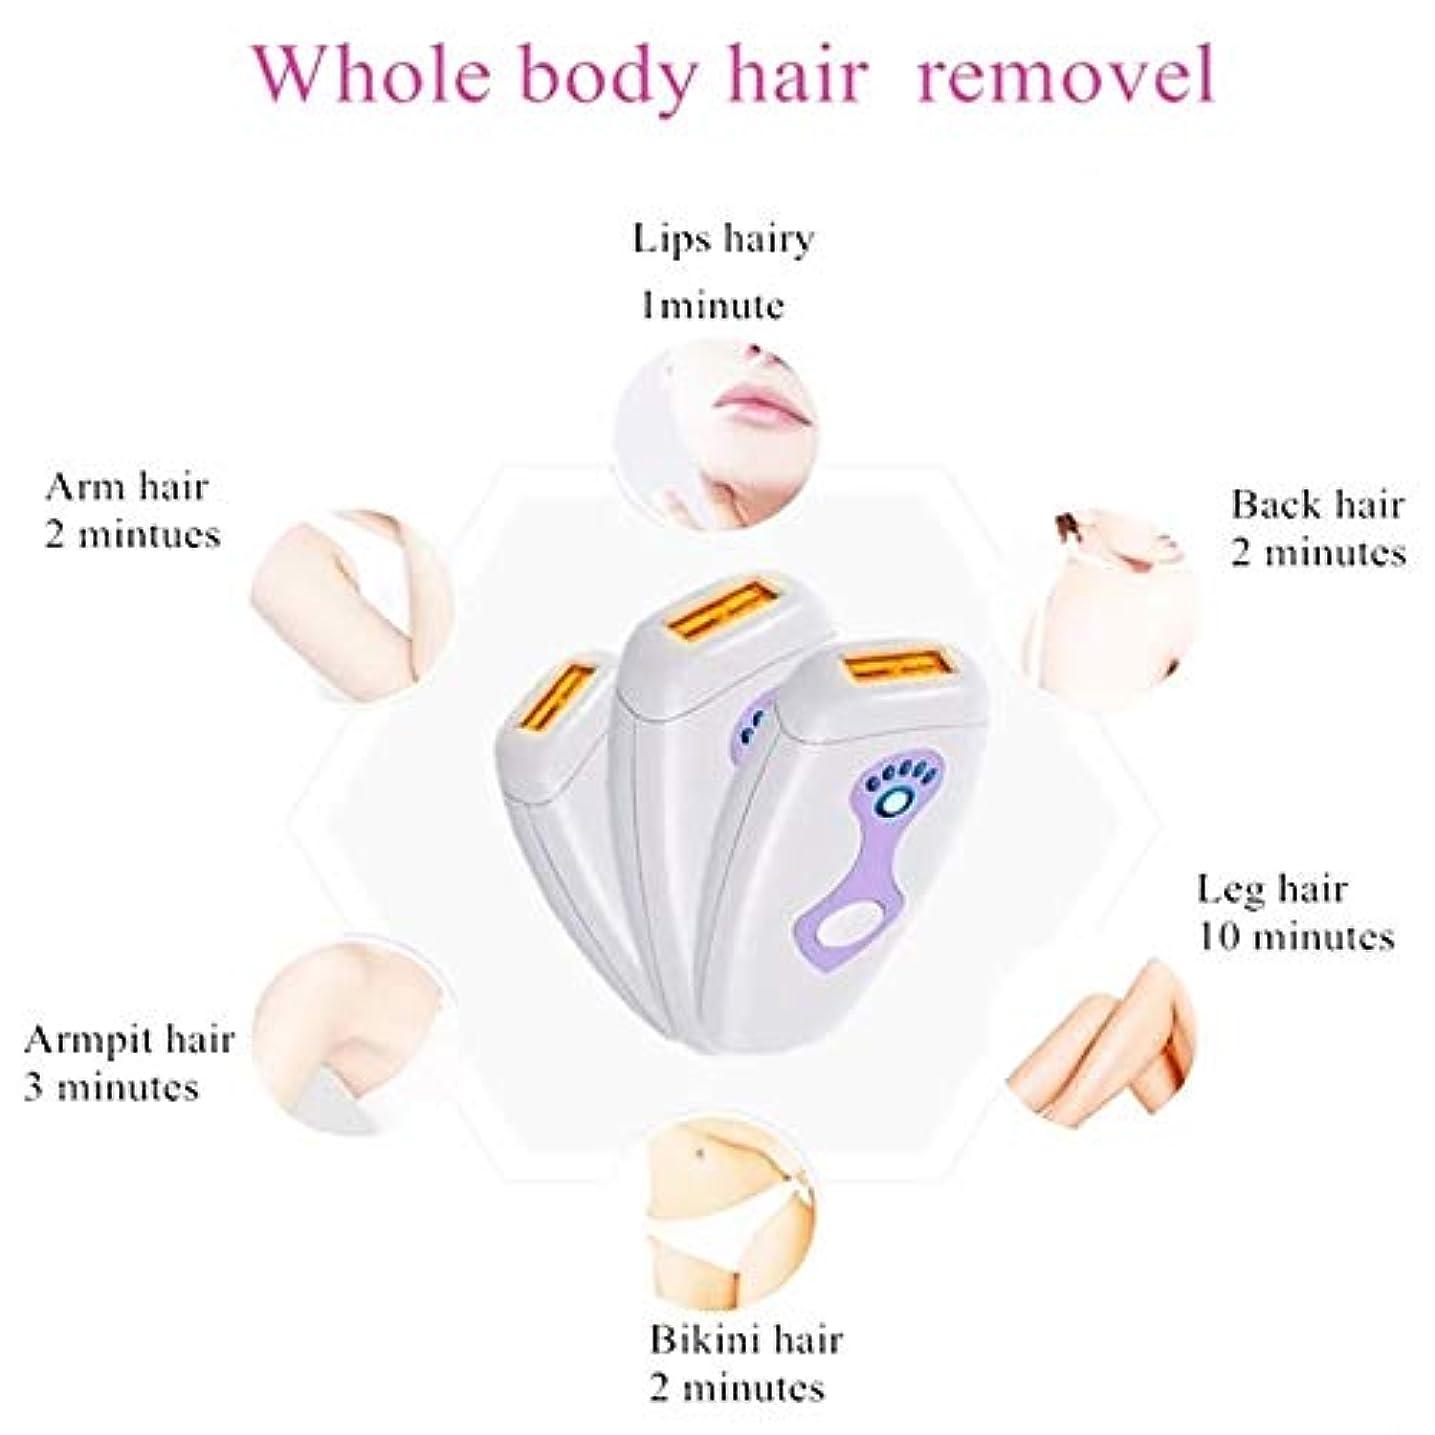 地震想像する気分が悪いヘアリムーバーフェイシャルリムーバー女性のスレッド脱毛器、痛みのない恒久的なIPL脱毛装置、500000点滅プロフェッショナルライト脱毛器